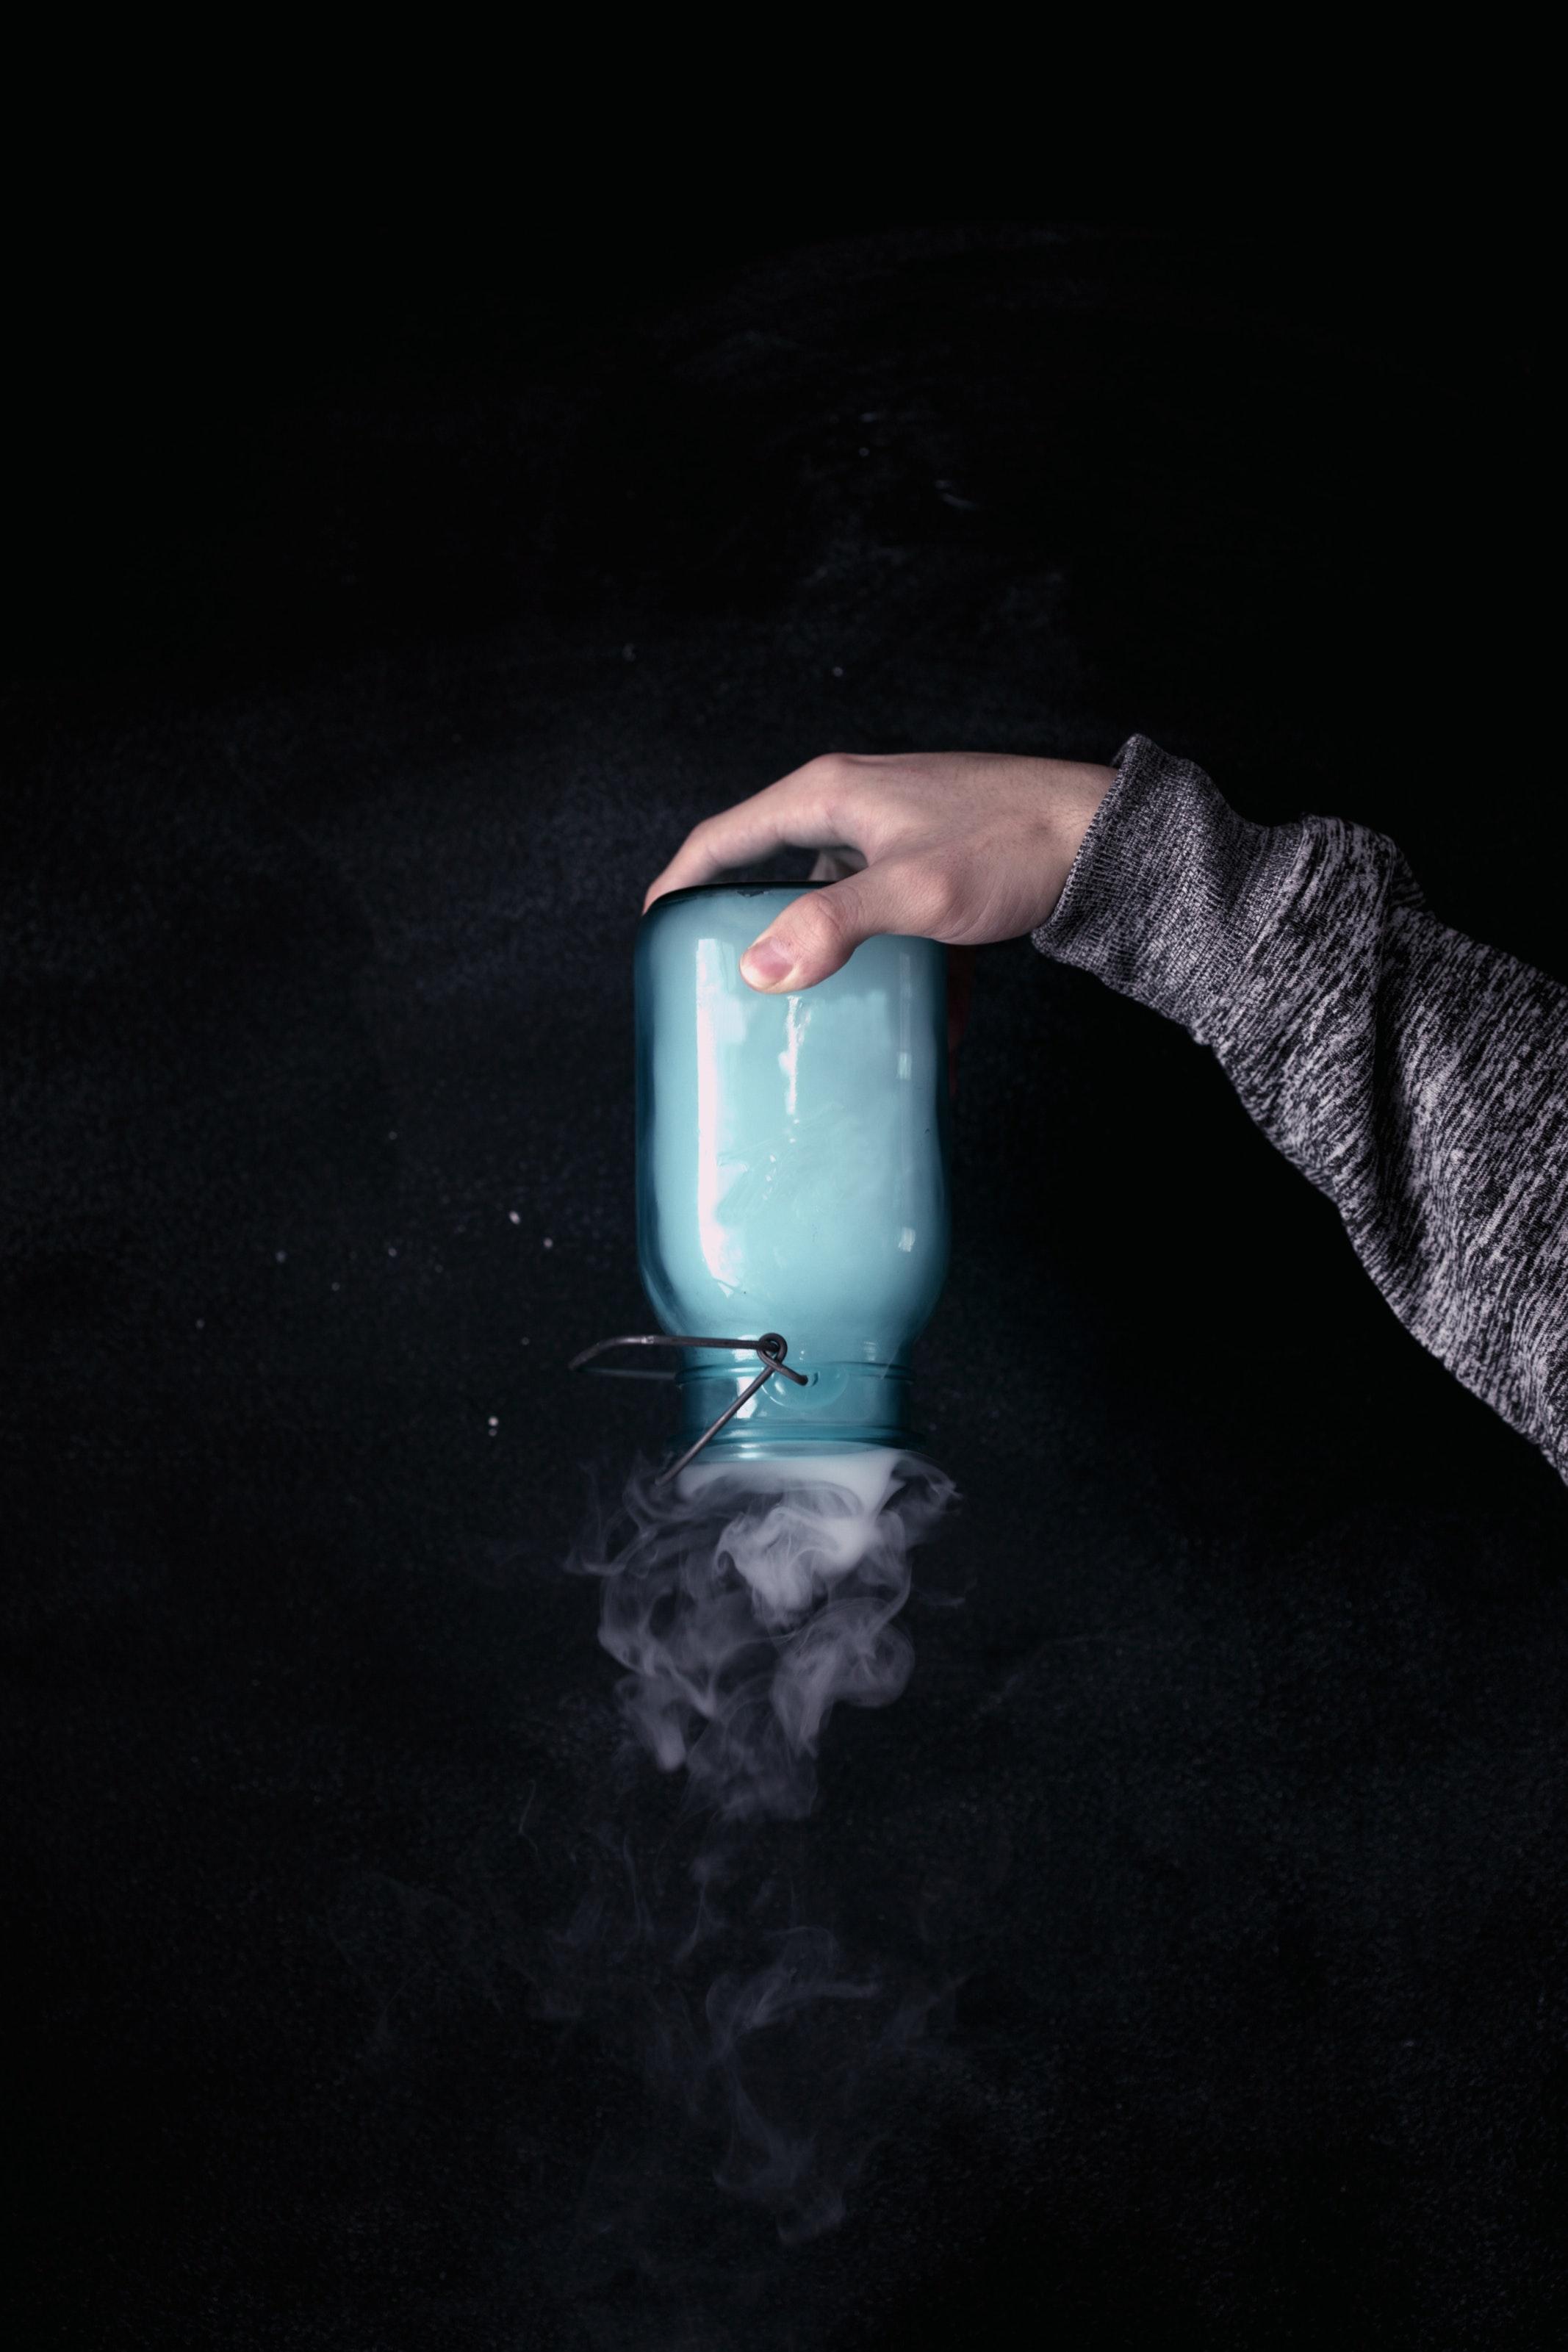 82/% //10 Jahre T/ÜV ab Herstelldatum Schutzgas 18 // Neue 10 Liter Flasche//Schwei/ßgas zum MAG Schwei/ßen//Mischgas 82//18 // Mix18, 18/% made in EU /& Argon gef/üllt mit CO2 Neue Eigentumsflasche